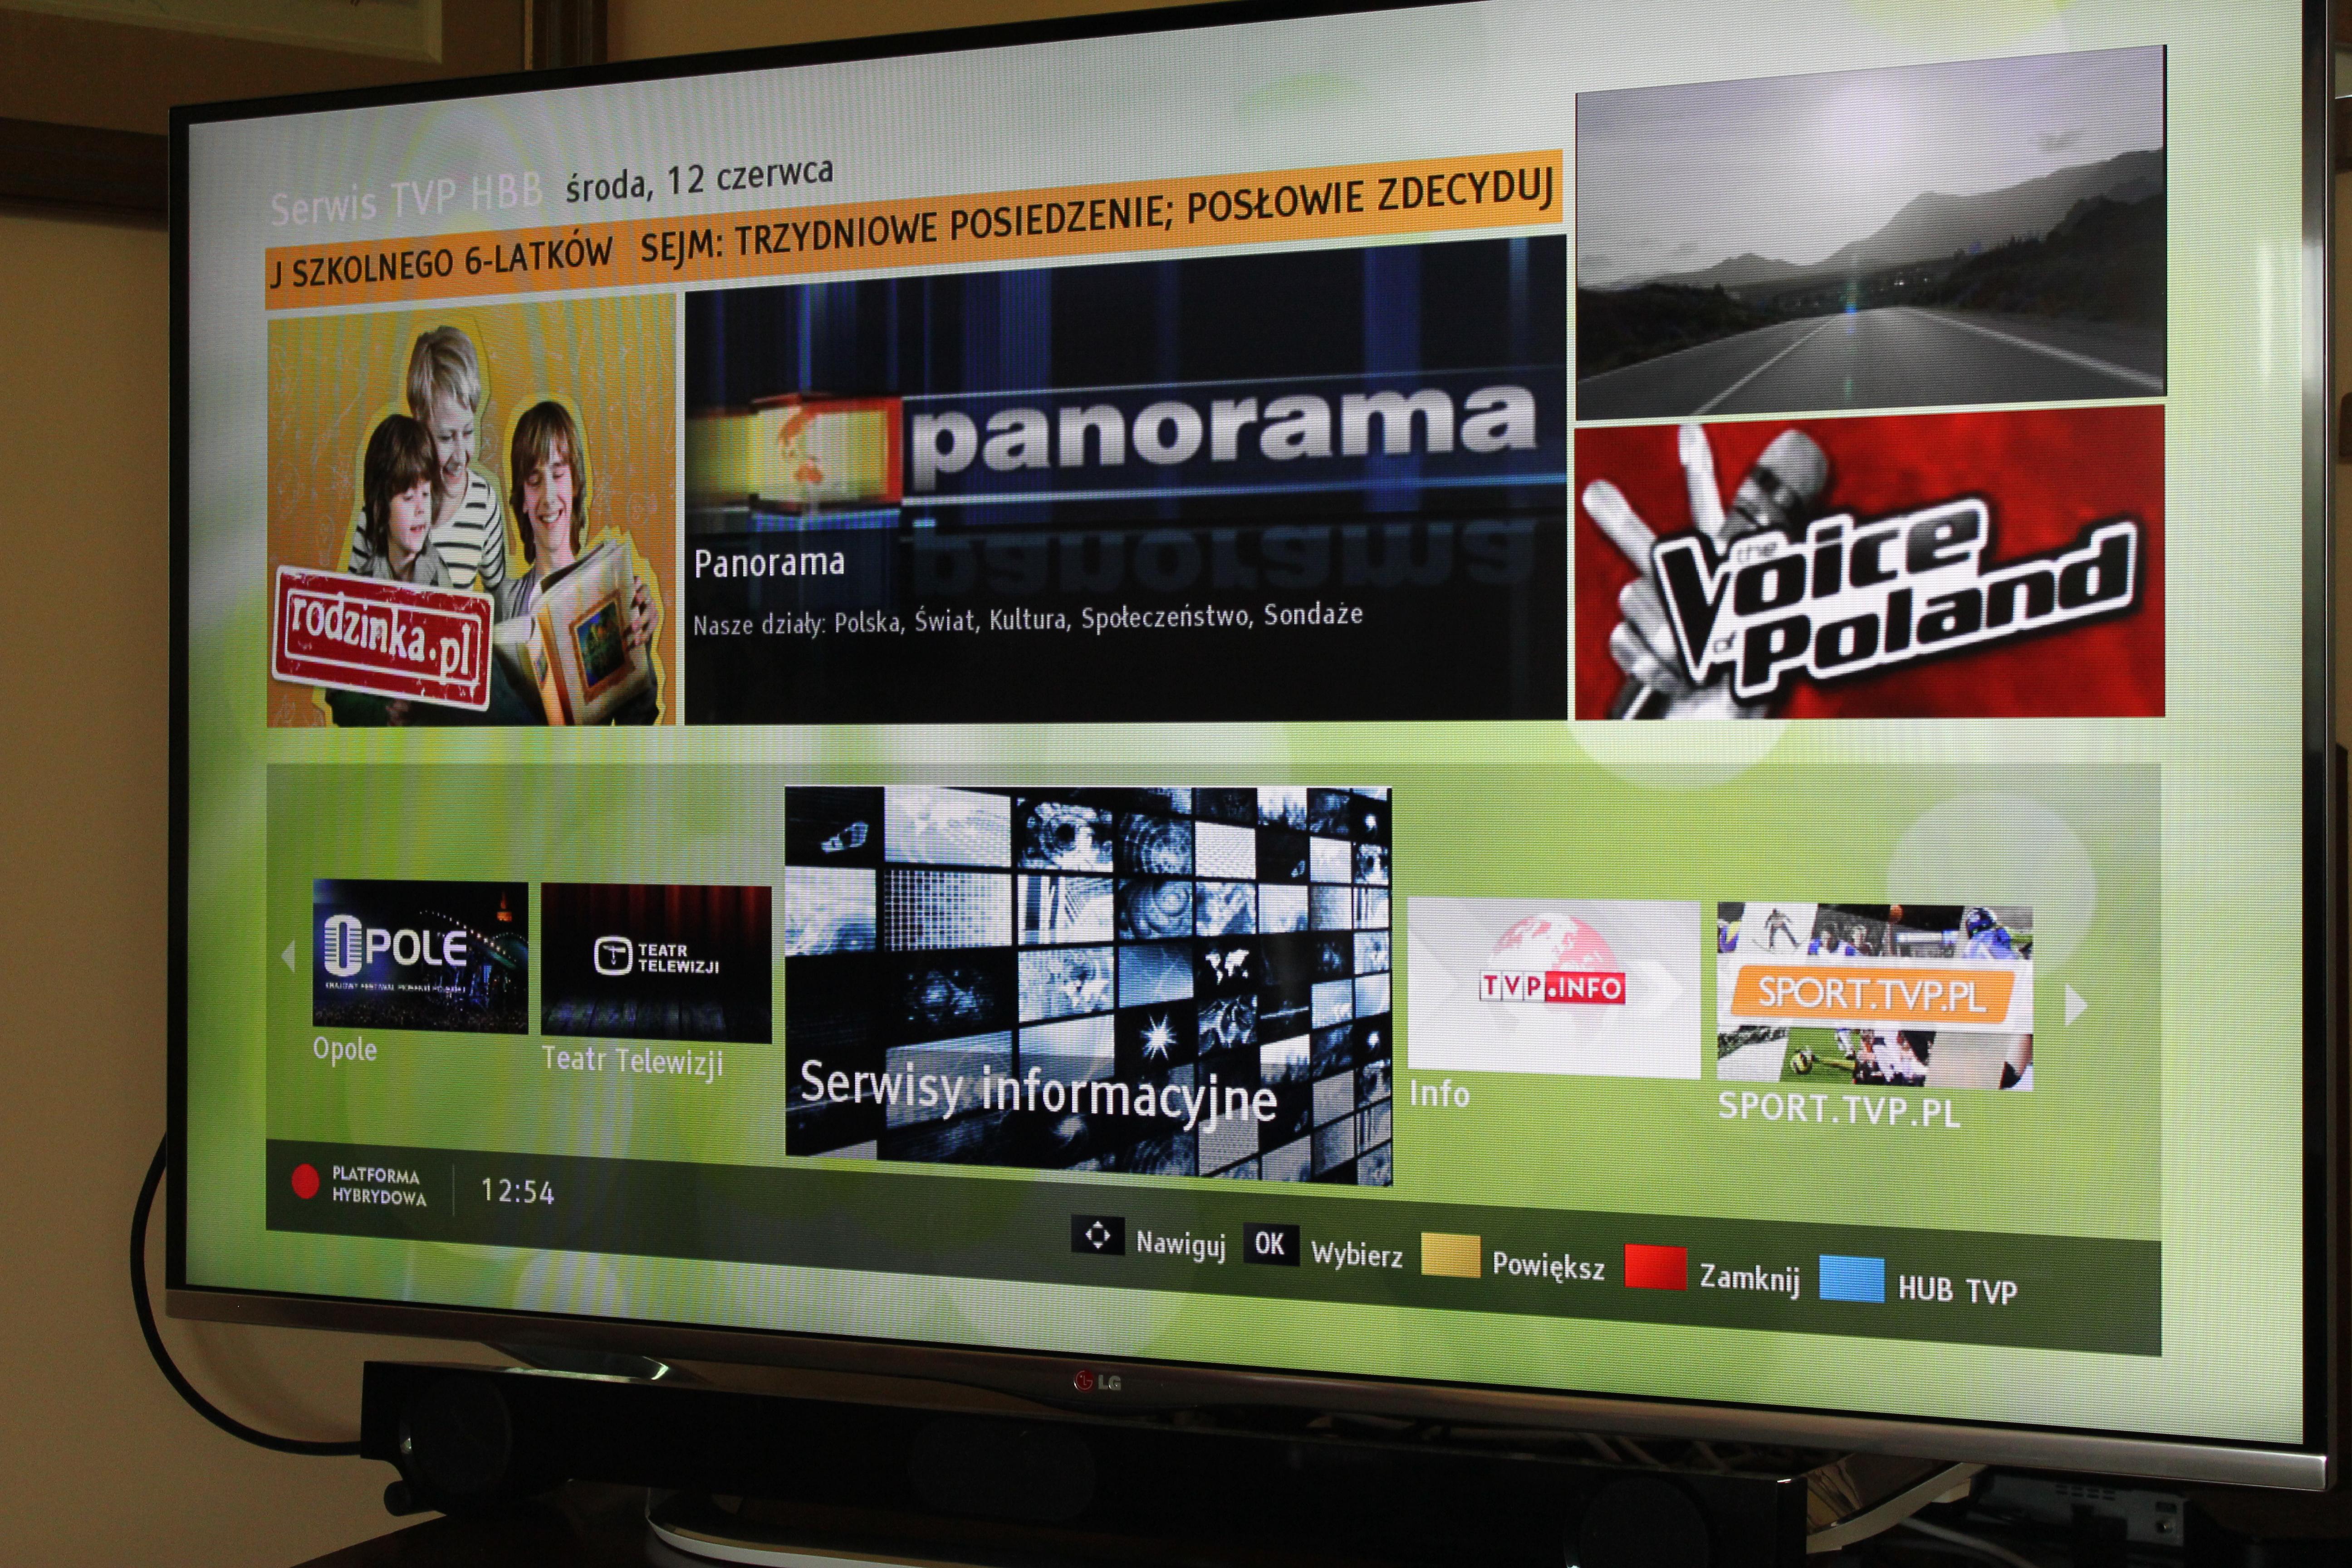 Ambitne plany Telewizji Polskiej w związku z Igrzyskami Olimpijskimi w Soczi oraz Piłkarskimi Mistrzostwami Świata w Brazylii